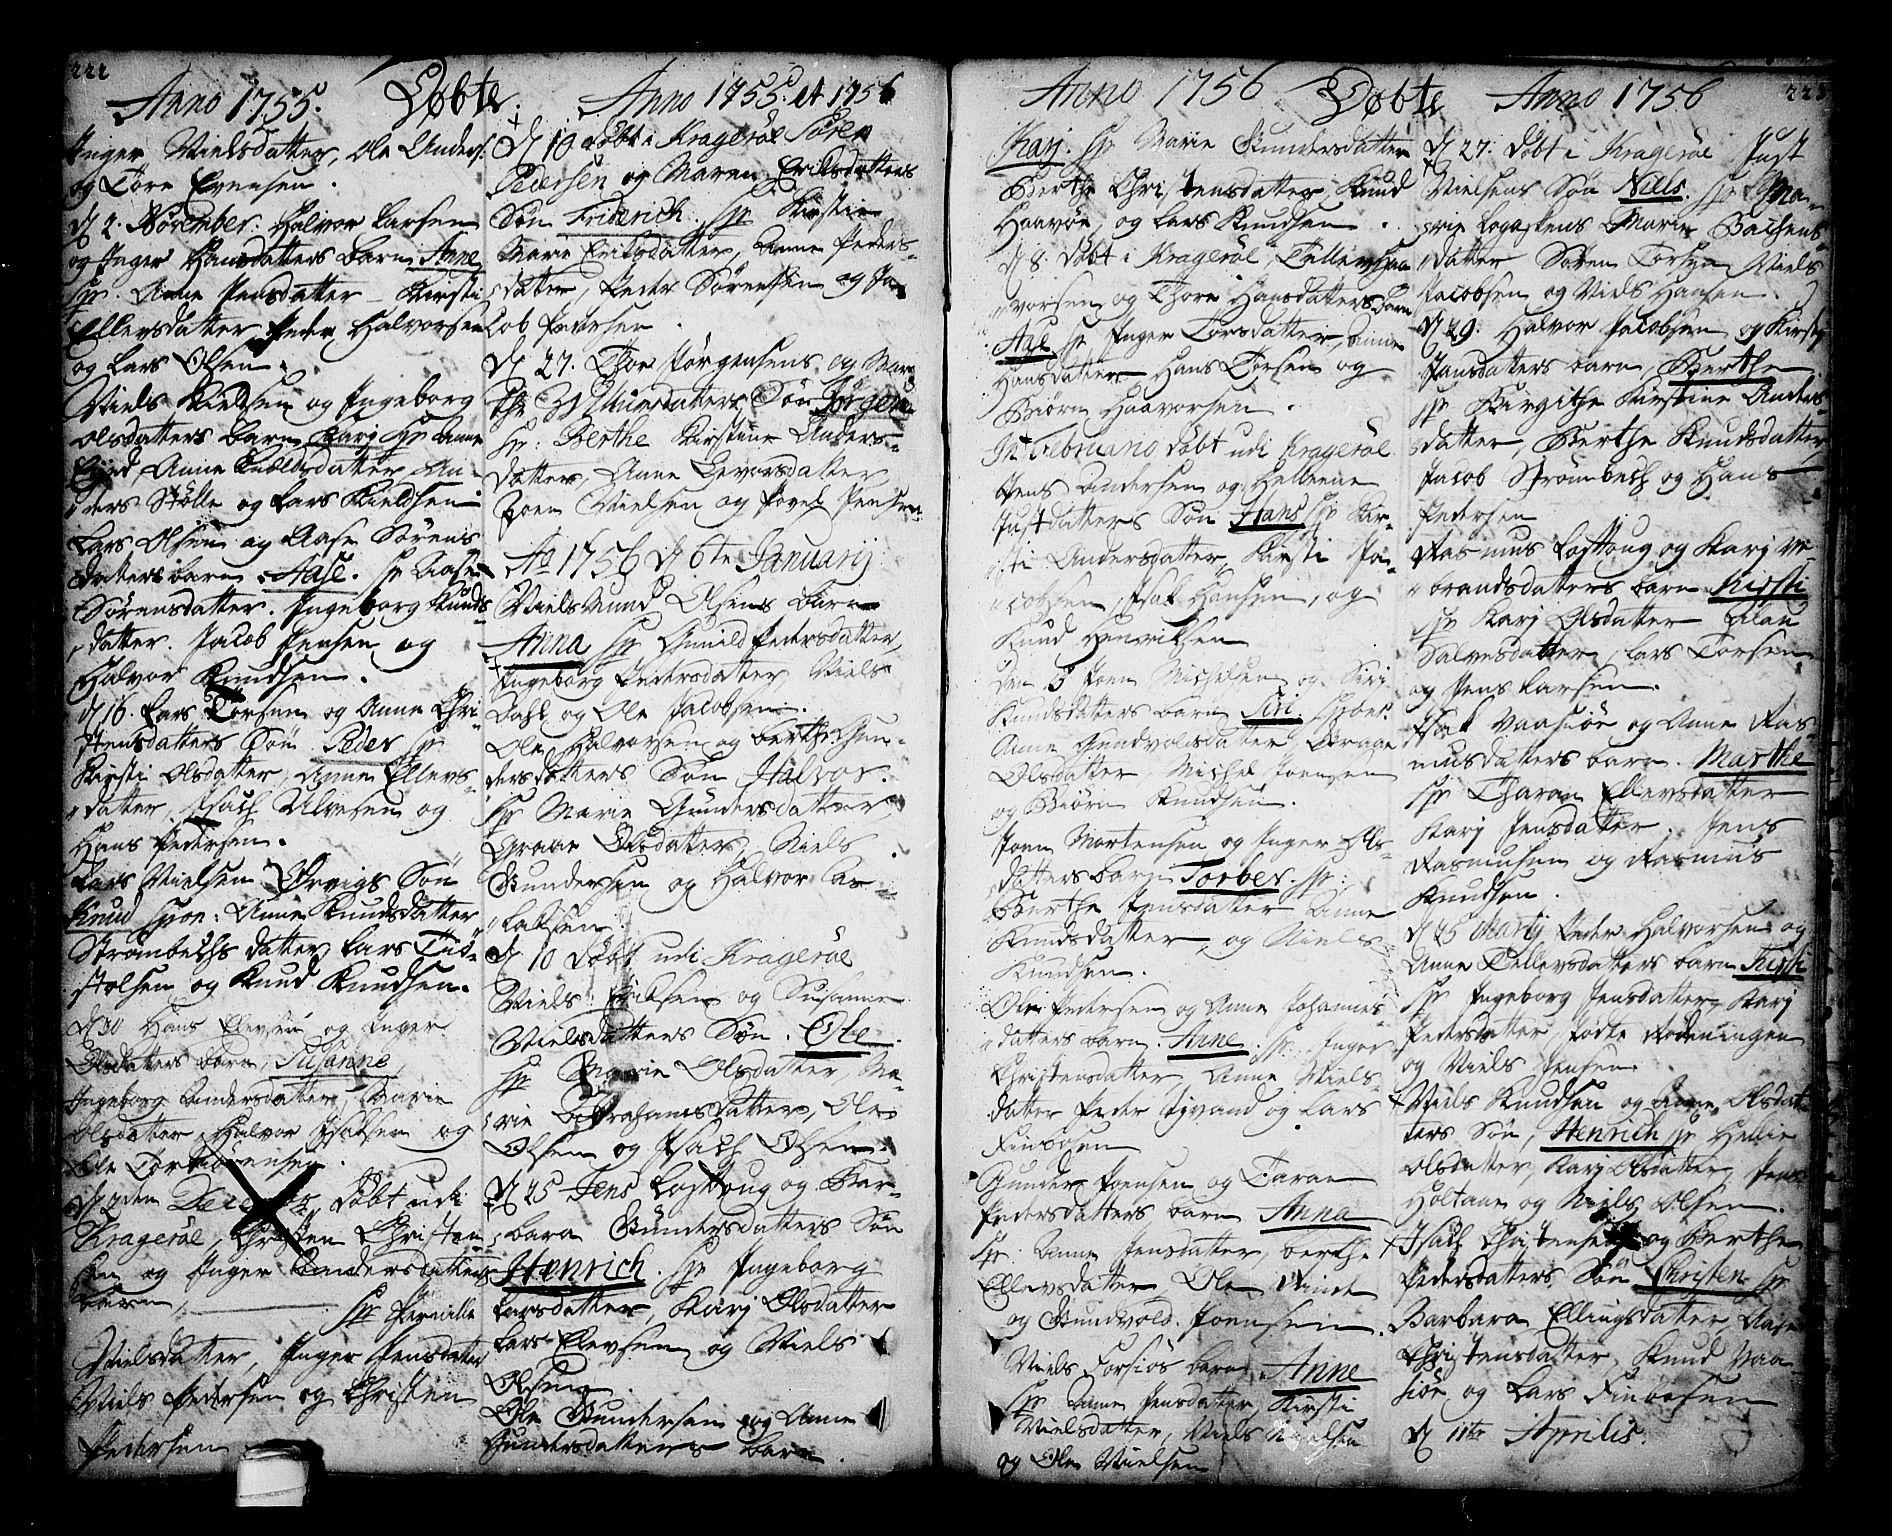 SAKO, Sannidal kirkebøker, F/Fa/L0001: Ministerialbok nr. 1, 1702-1766, s. 222-223